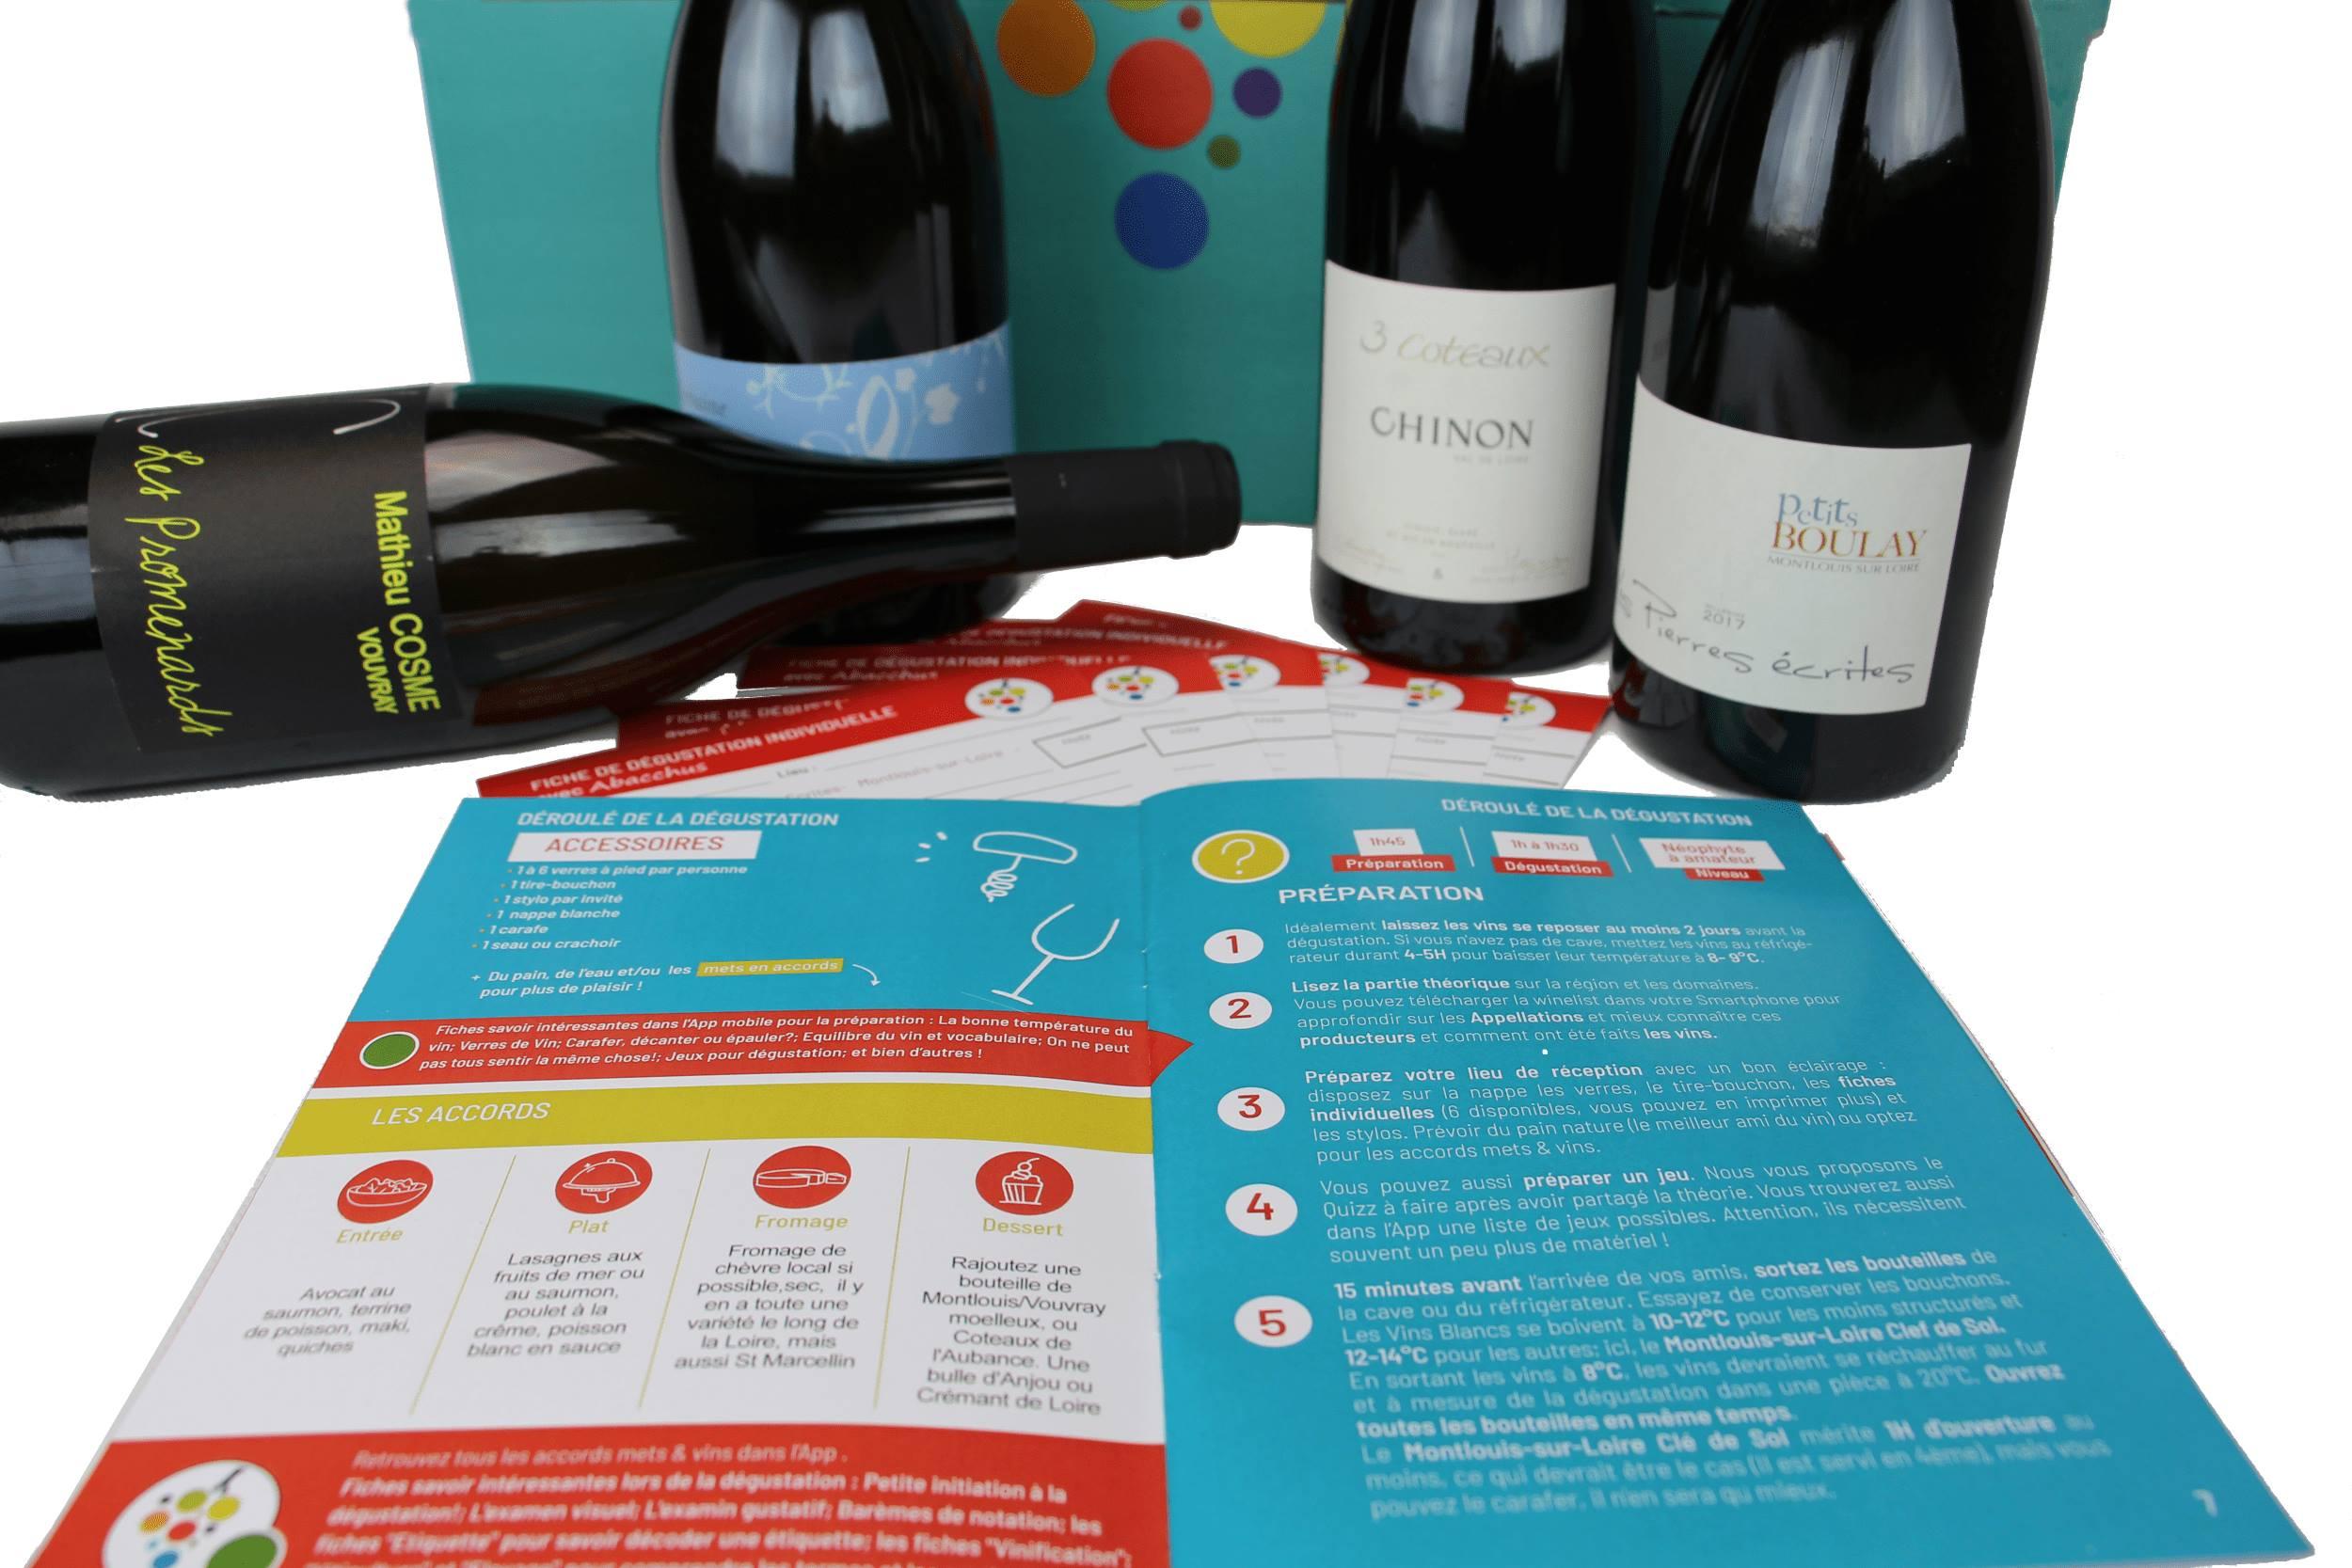 abacchus-box vin